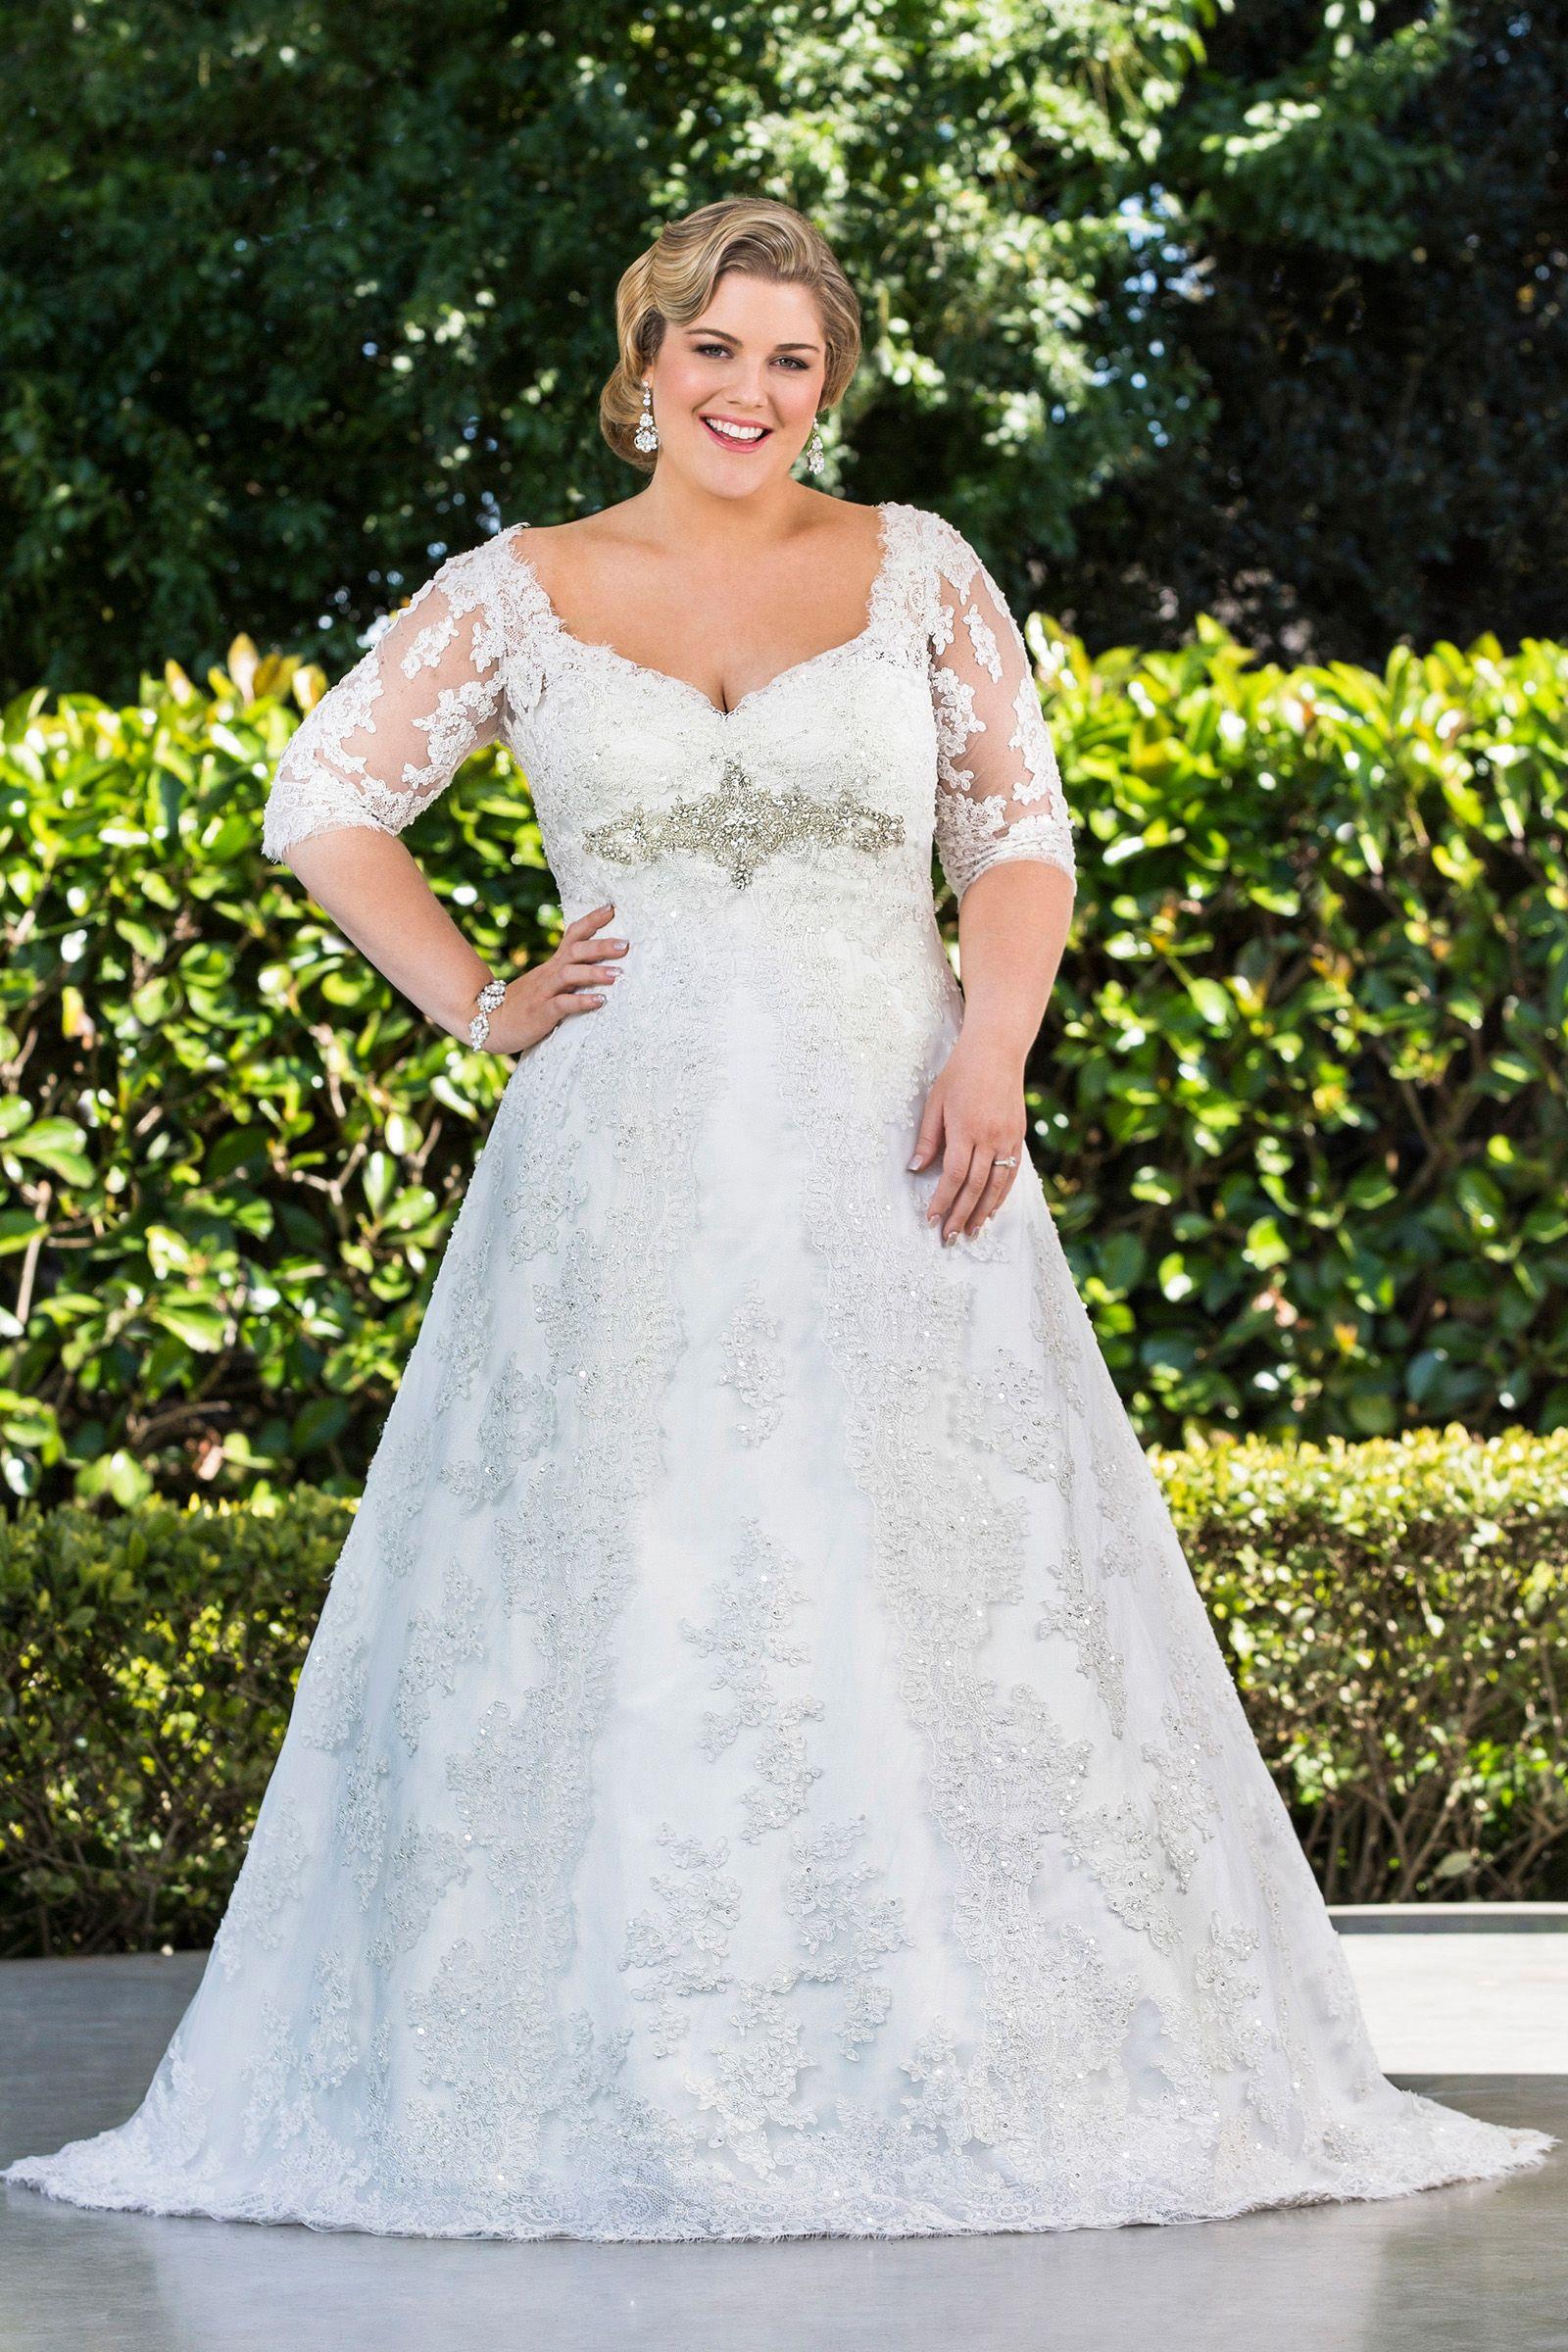 Tamaño más vestidos de novia Una línea de encaje con medias mangas 2019 Nueva llegada Sheer largo princesa vestidos de novia W1355 cristal de invierno caliente Apliques